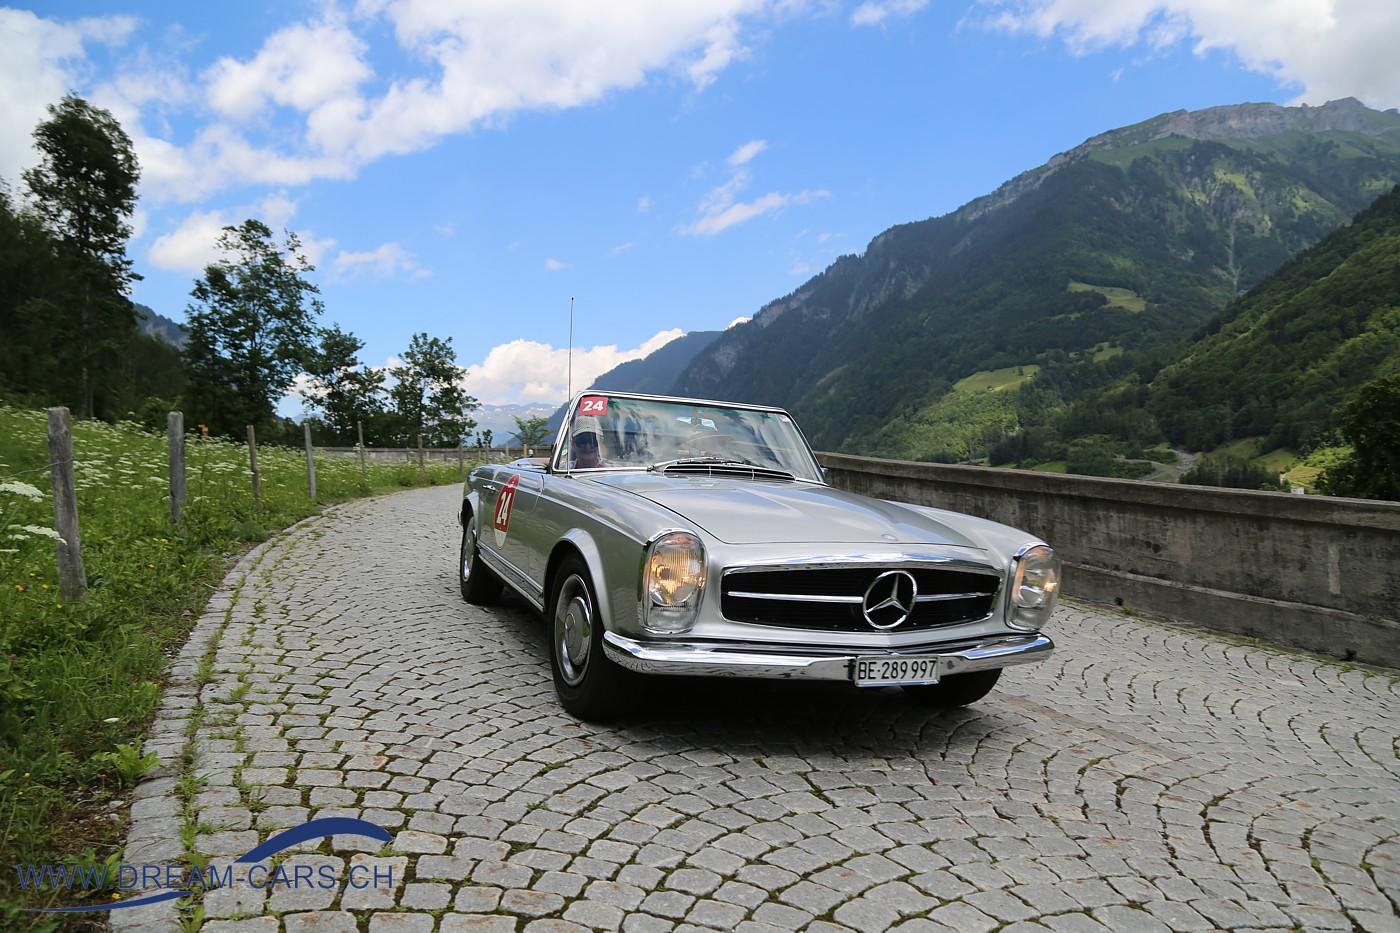 Passione Caracciola, 22. Juni 2018. Ein Mercedes Pagode auf dem Original-Kopfsteinpflaster auf der Klausen-Passstrasse oberhalb von Linthal